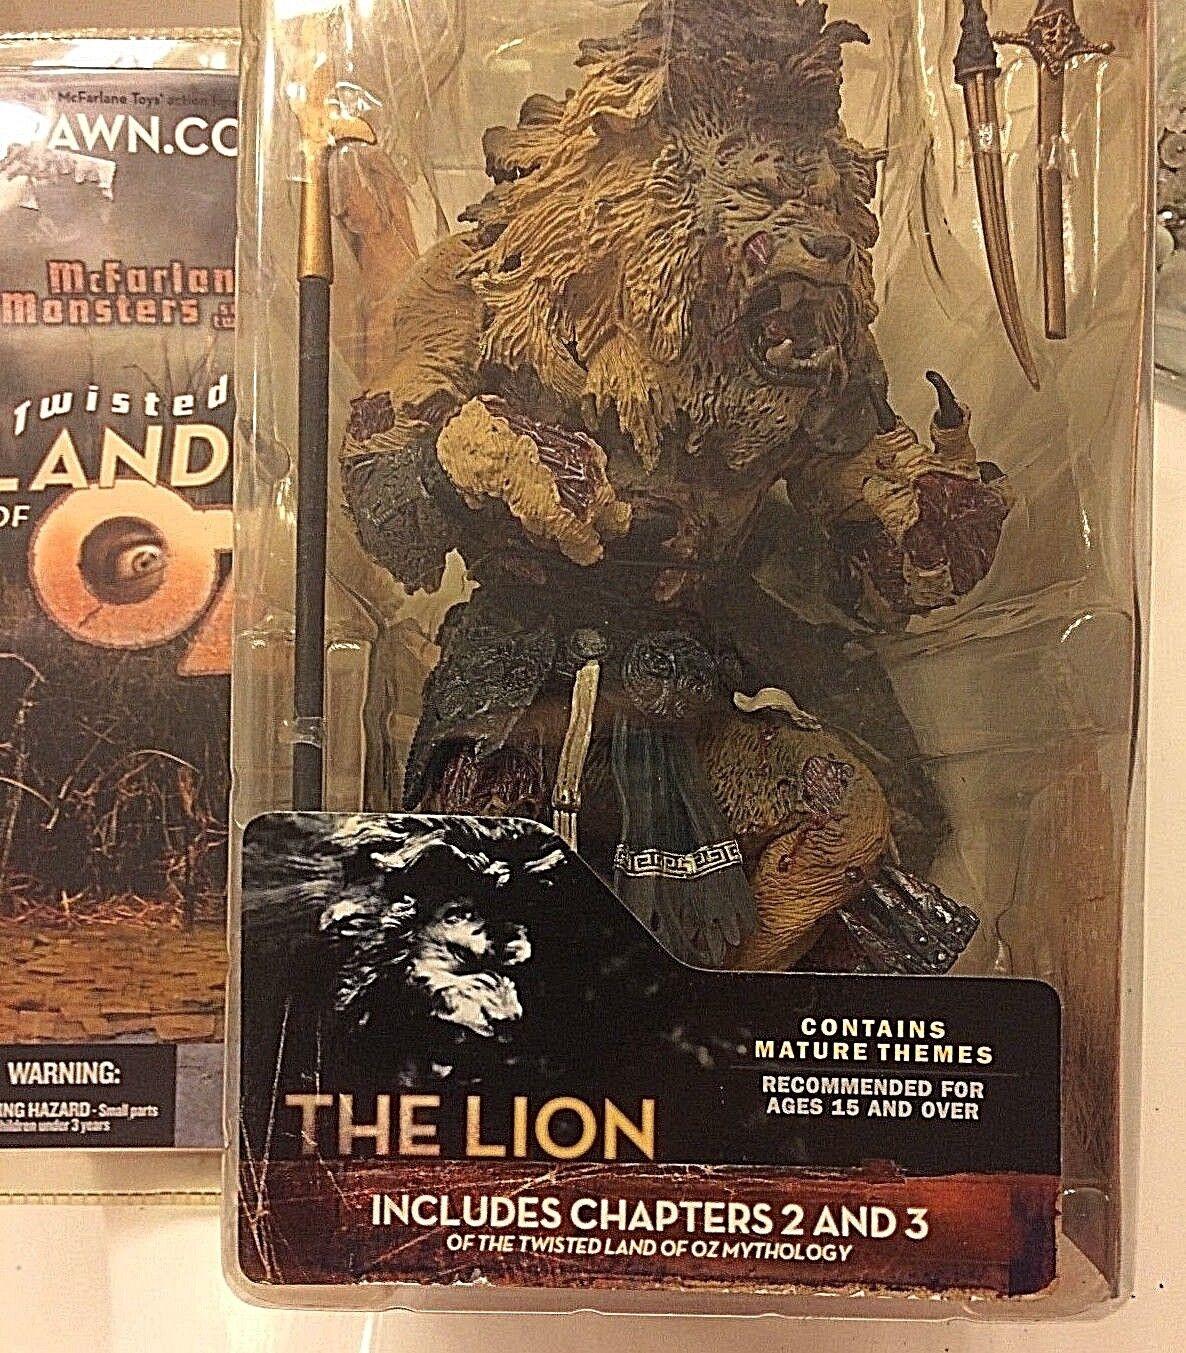 Der löwe ist mcfarlane spielzeug oz reihe 2 nib figur.